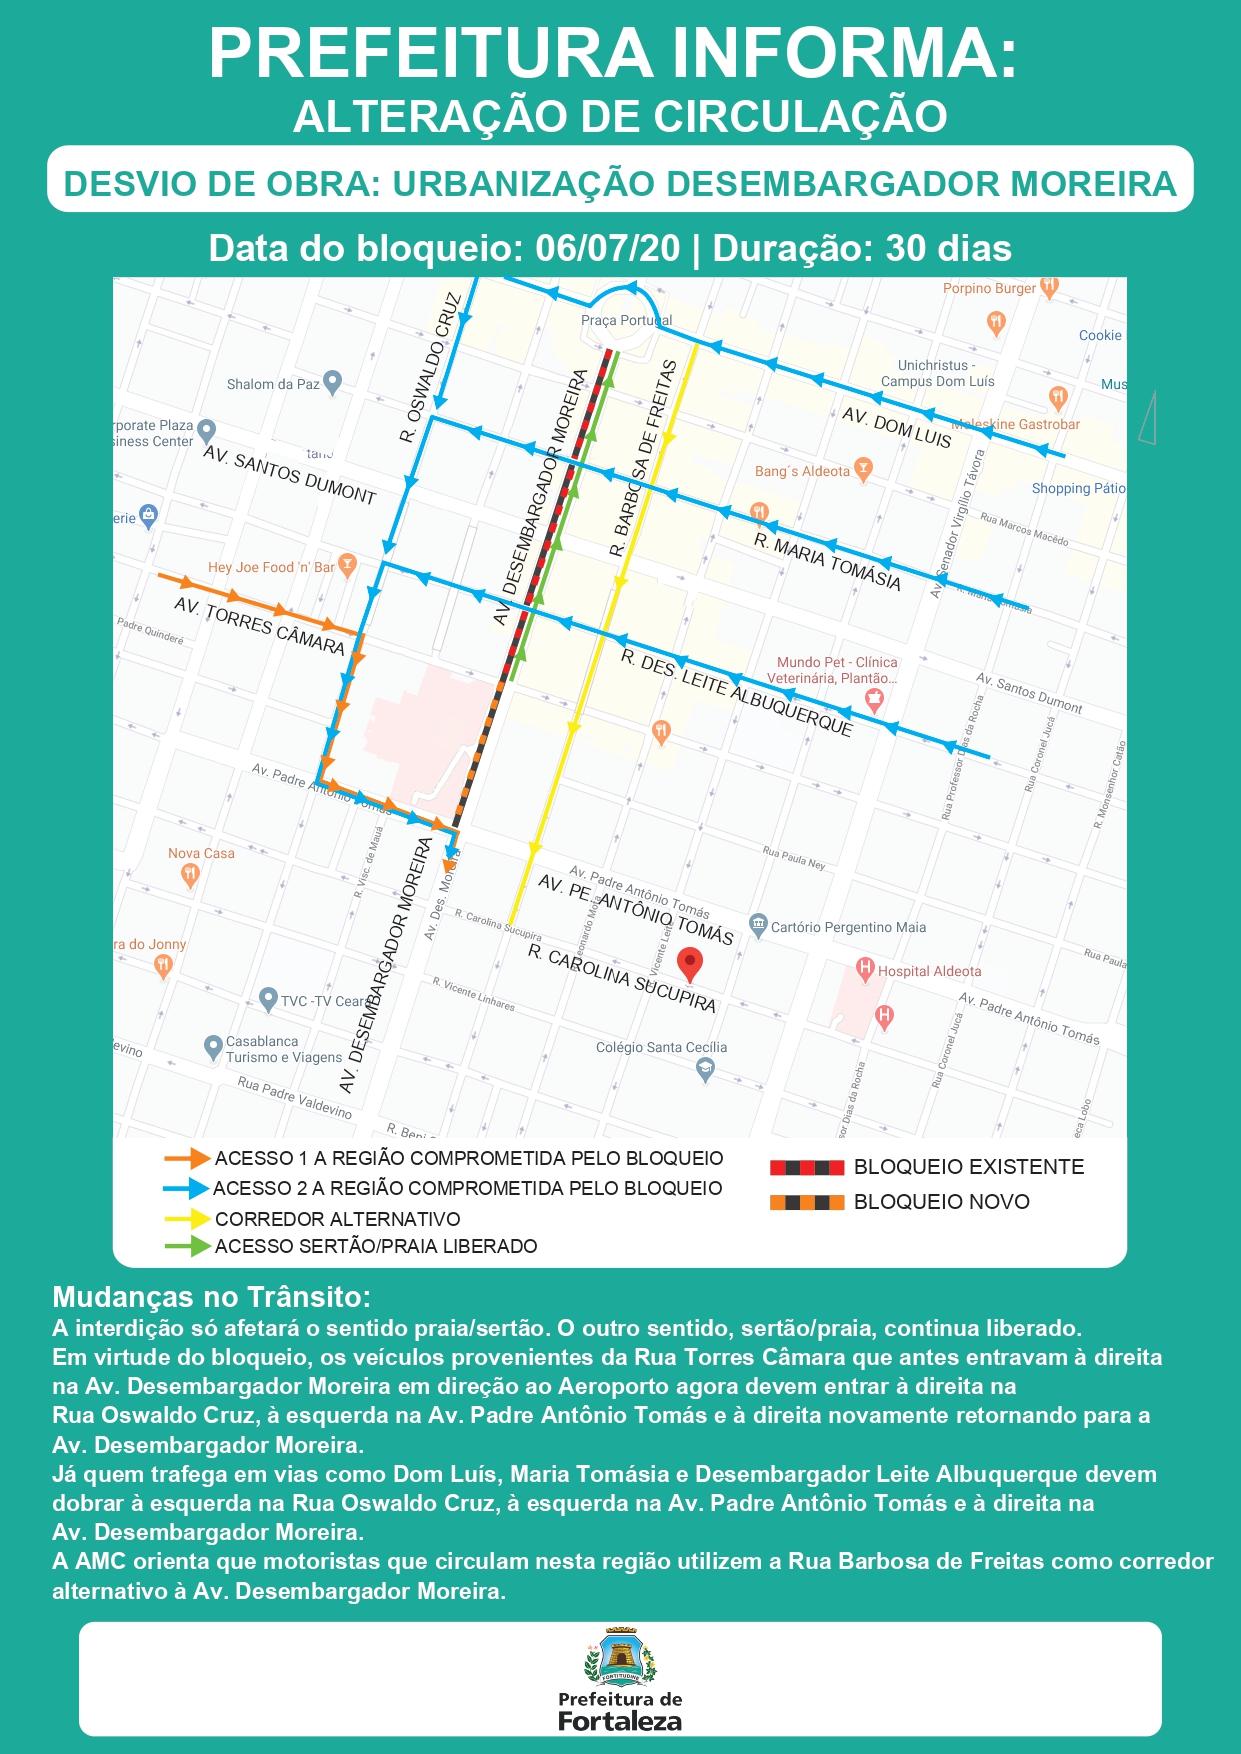 Mapa mostra o desvio de trecho da avenida Desembargador Moreira